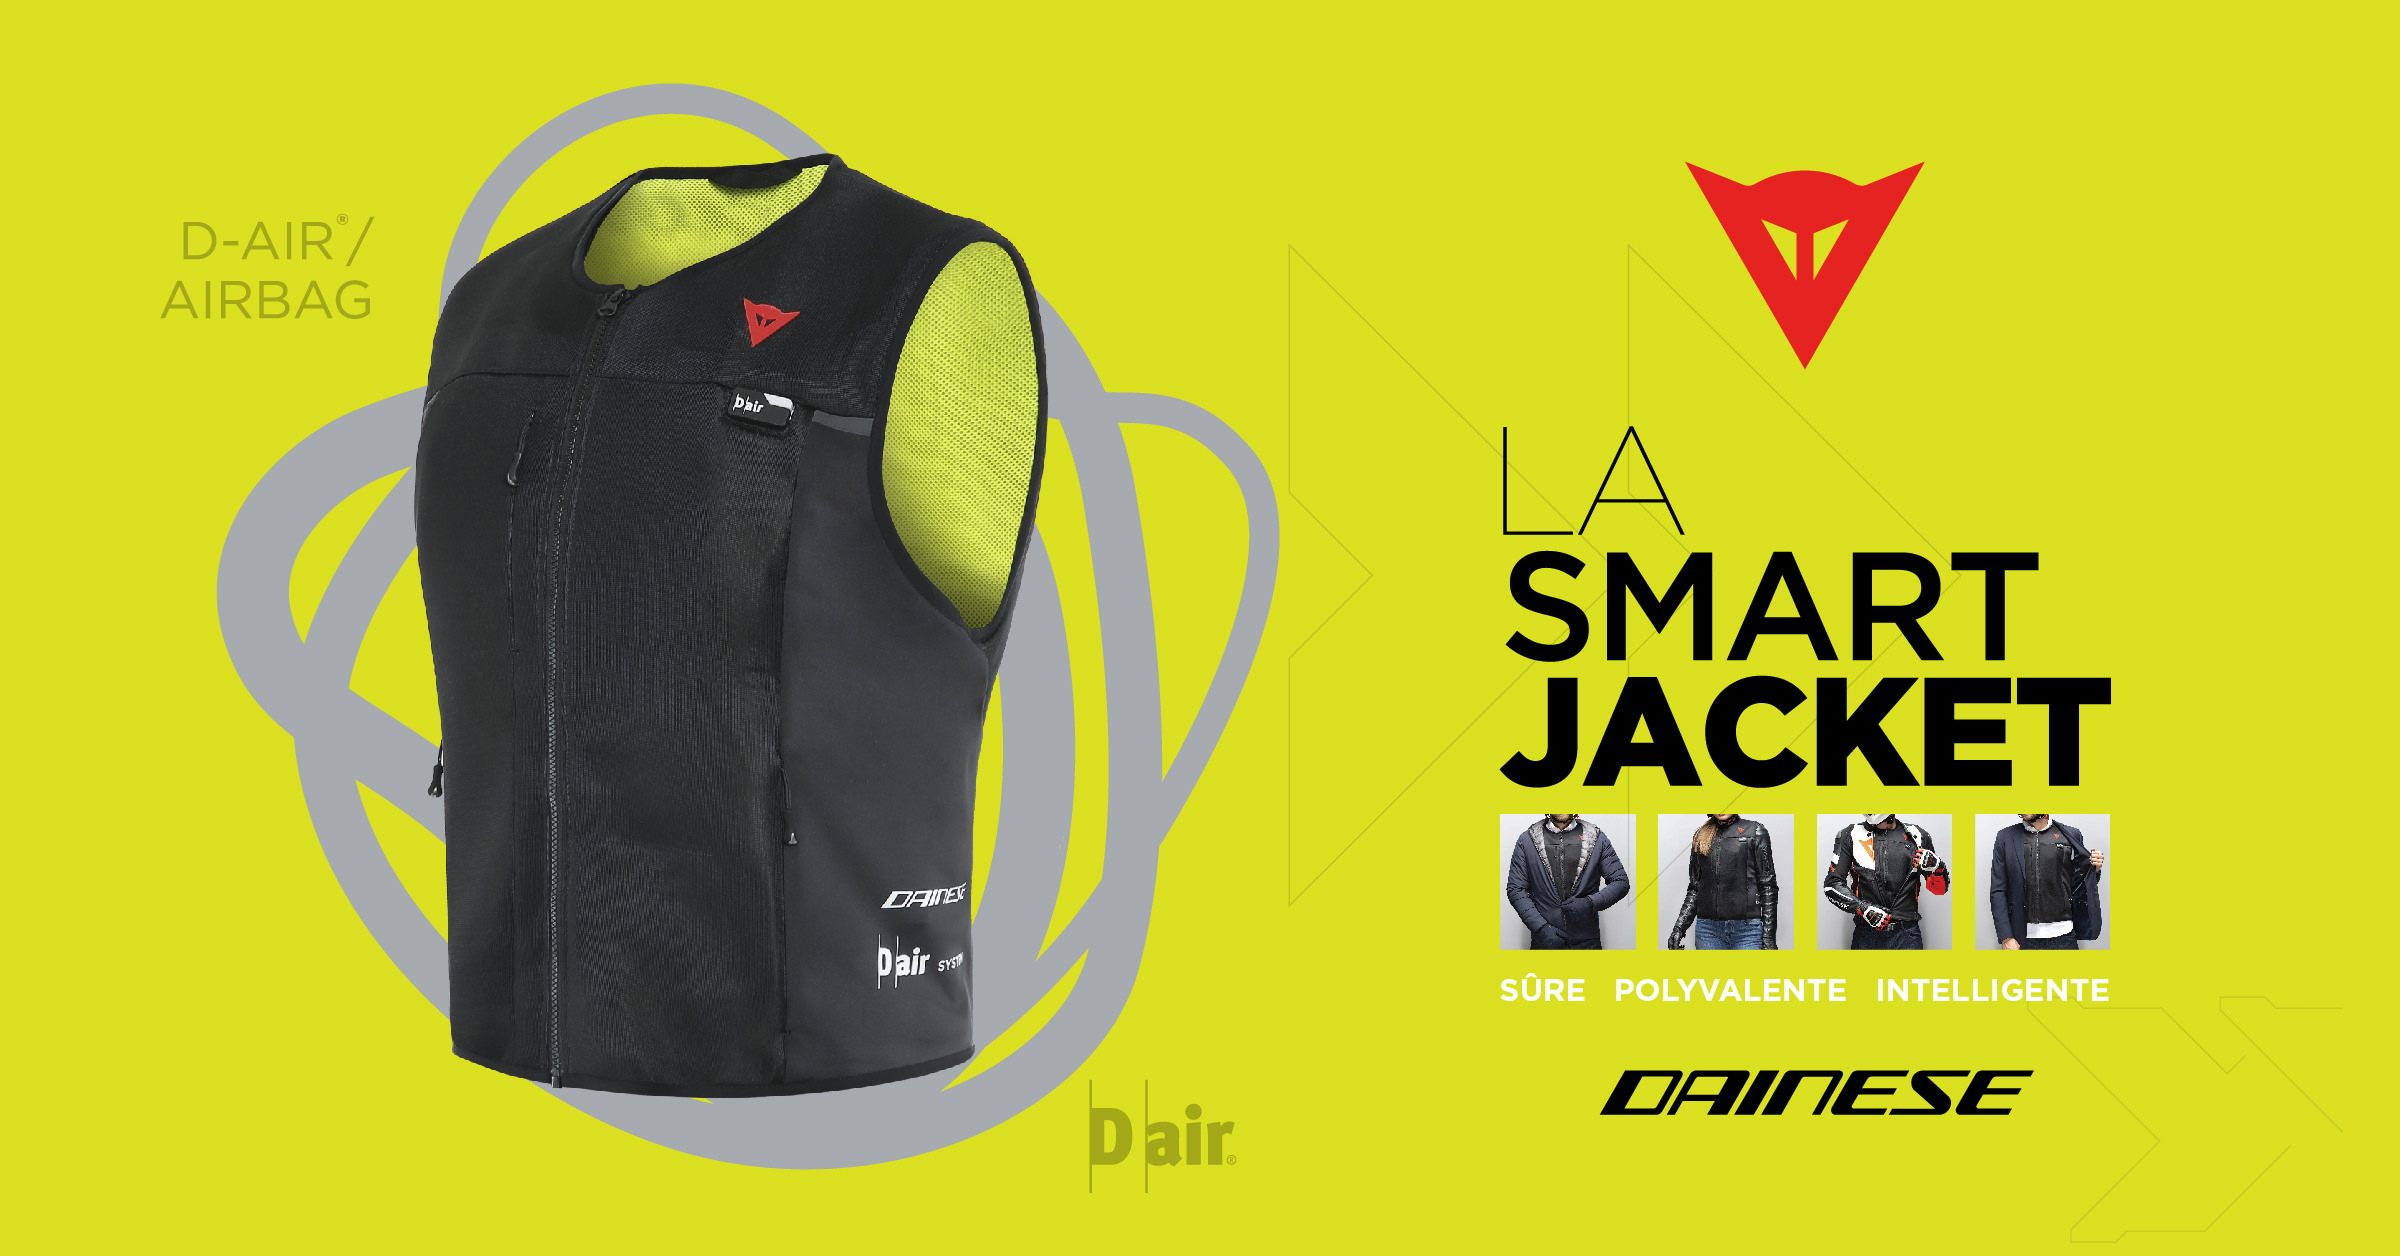 Dainese présente: la Smart Jacket